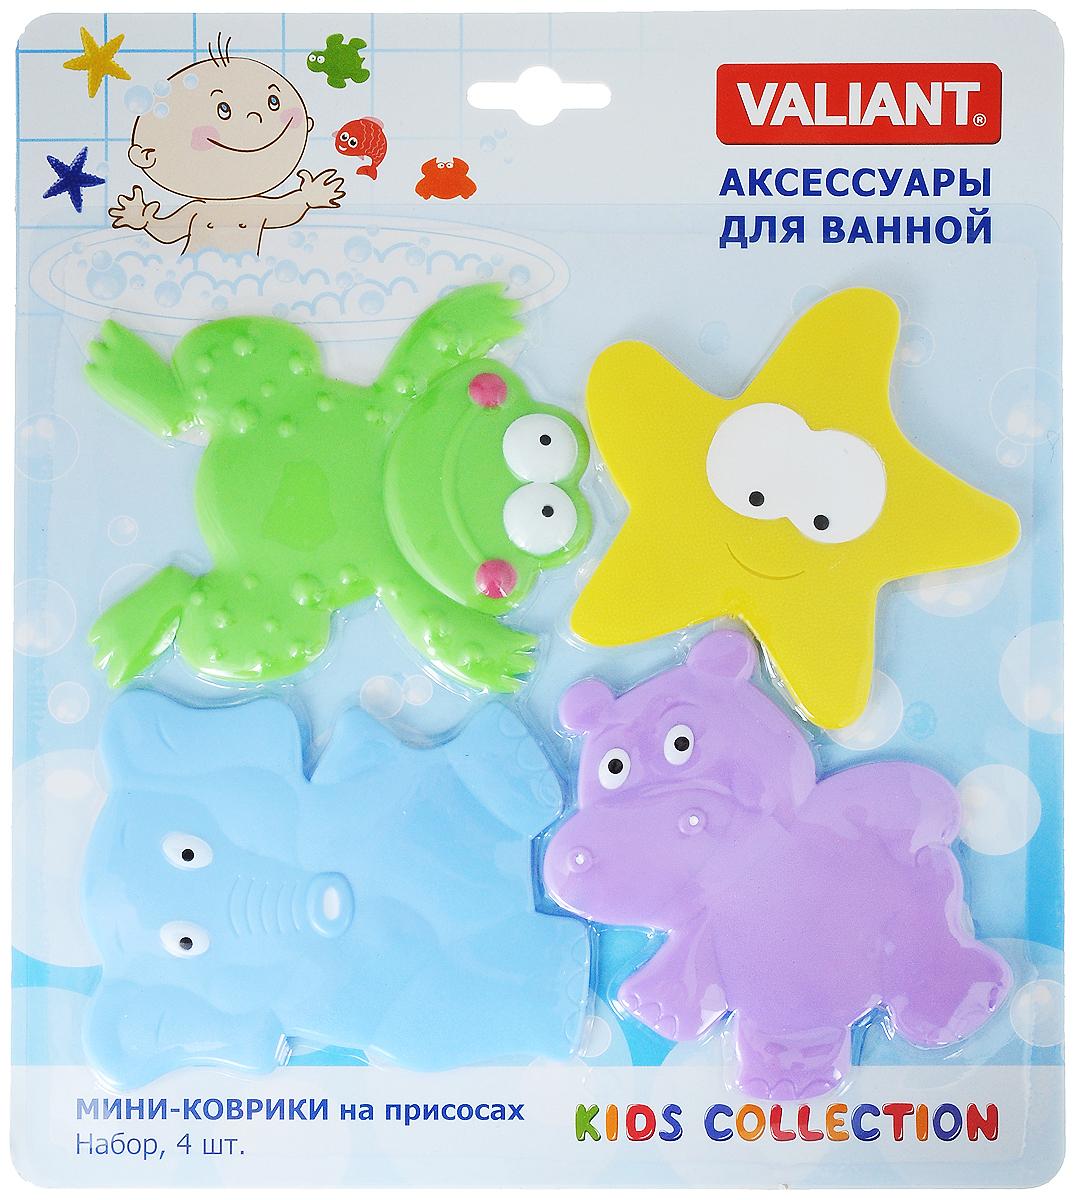 Valiant Мини-коврик для ванной комнаты Веселые зверюшки на присосках 4 штMIX4S4Мини-коврик для ванной комнаты Valiant Веселые зверюшки - это модный и экономичный способ сделать вашу ванную комнату более уютной, красивой и безопасной. В наборе представлены 4 мини-коврика в виде лягушки, звезды, слоника и бегемота. Коврики прочно крепятся на любую гладкую поверхность с помощью присосок. Расположите коврики там, где вам необходимо яркое цветовое пятно и надежная противоскользящая опора - на поверхности ванной, на кафельной стене или стенке душевой кабины или на полу - как дополнение вашего коврика стандартного размера. Мини-коврики Valiant незаменимы при купании маленького ребенка: он не поскользнется и не упадет, держась за мягкую и приятную на ощупь рифленую поверхность коврика. Рекомендации по уходу: после использования тщательно смойте остатки мыла или других косметических средств с коврика.